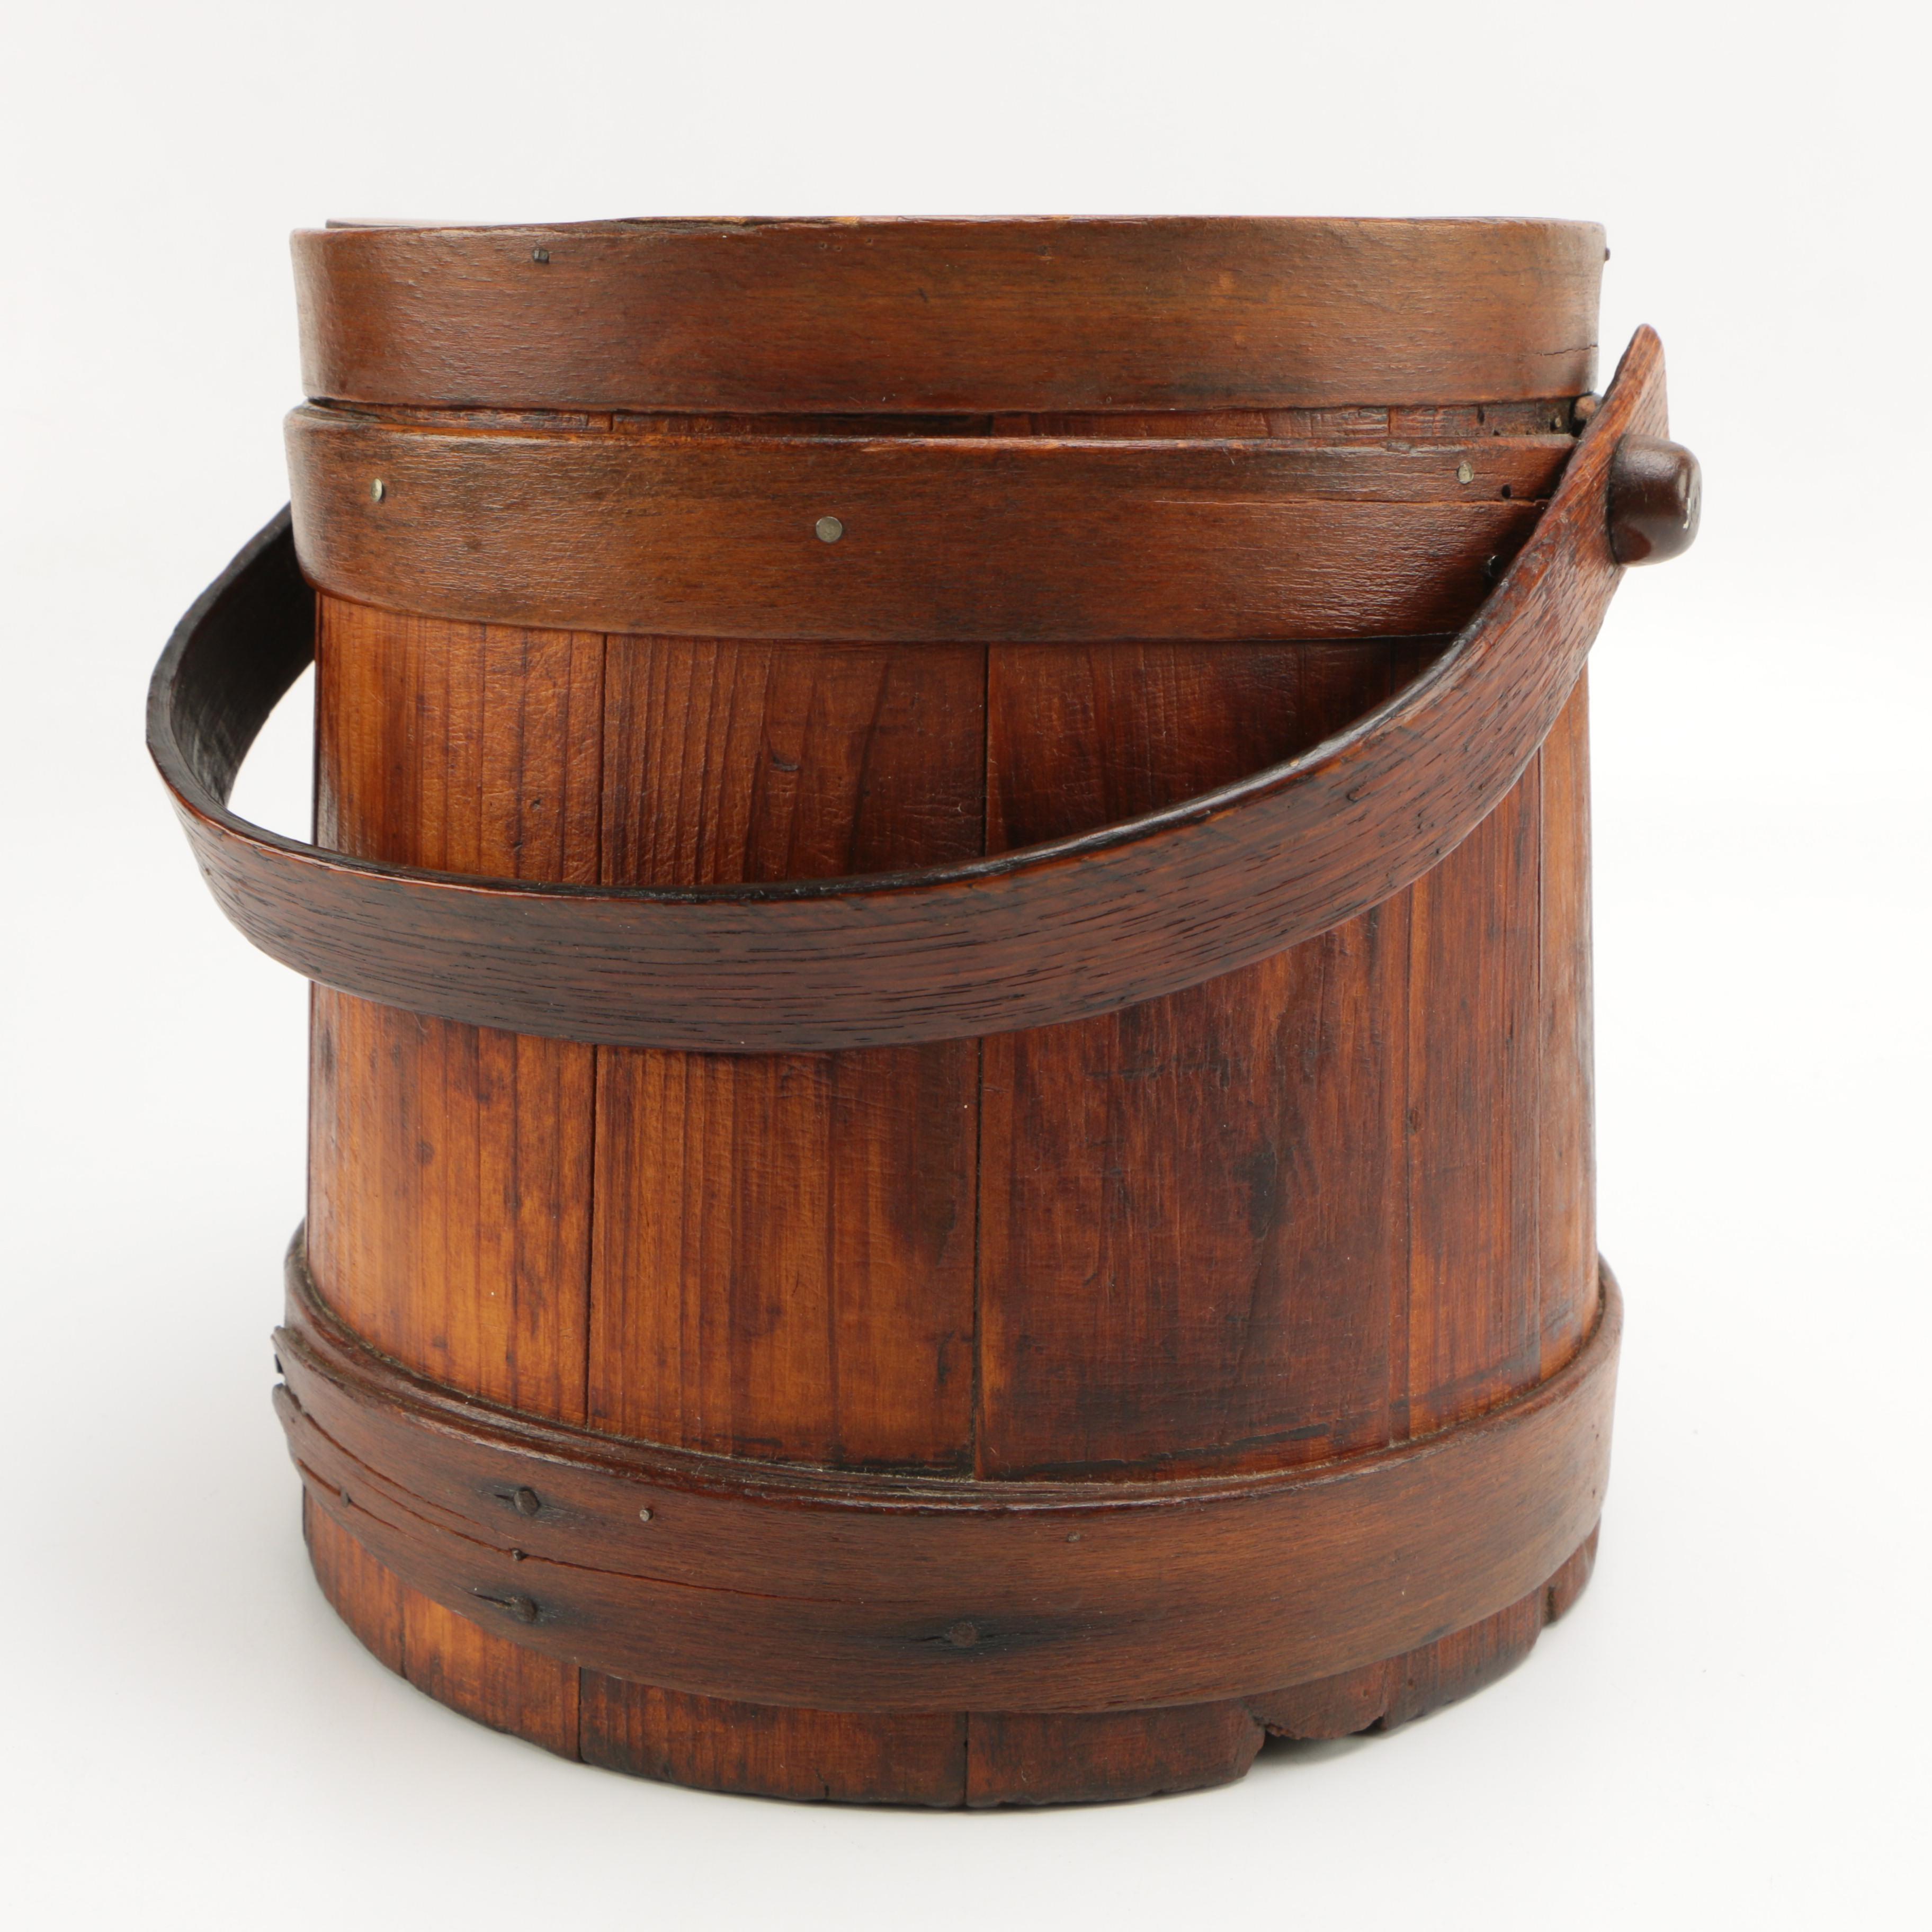 Vintage Wooden Sugar Bucket